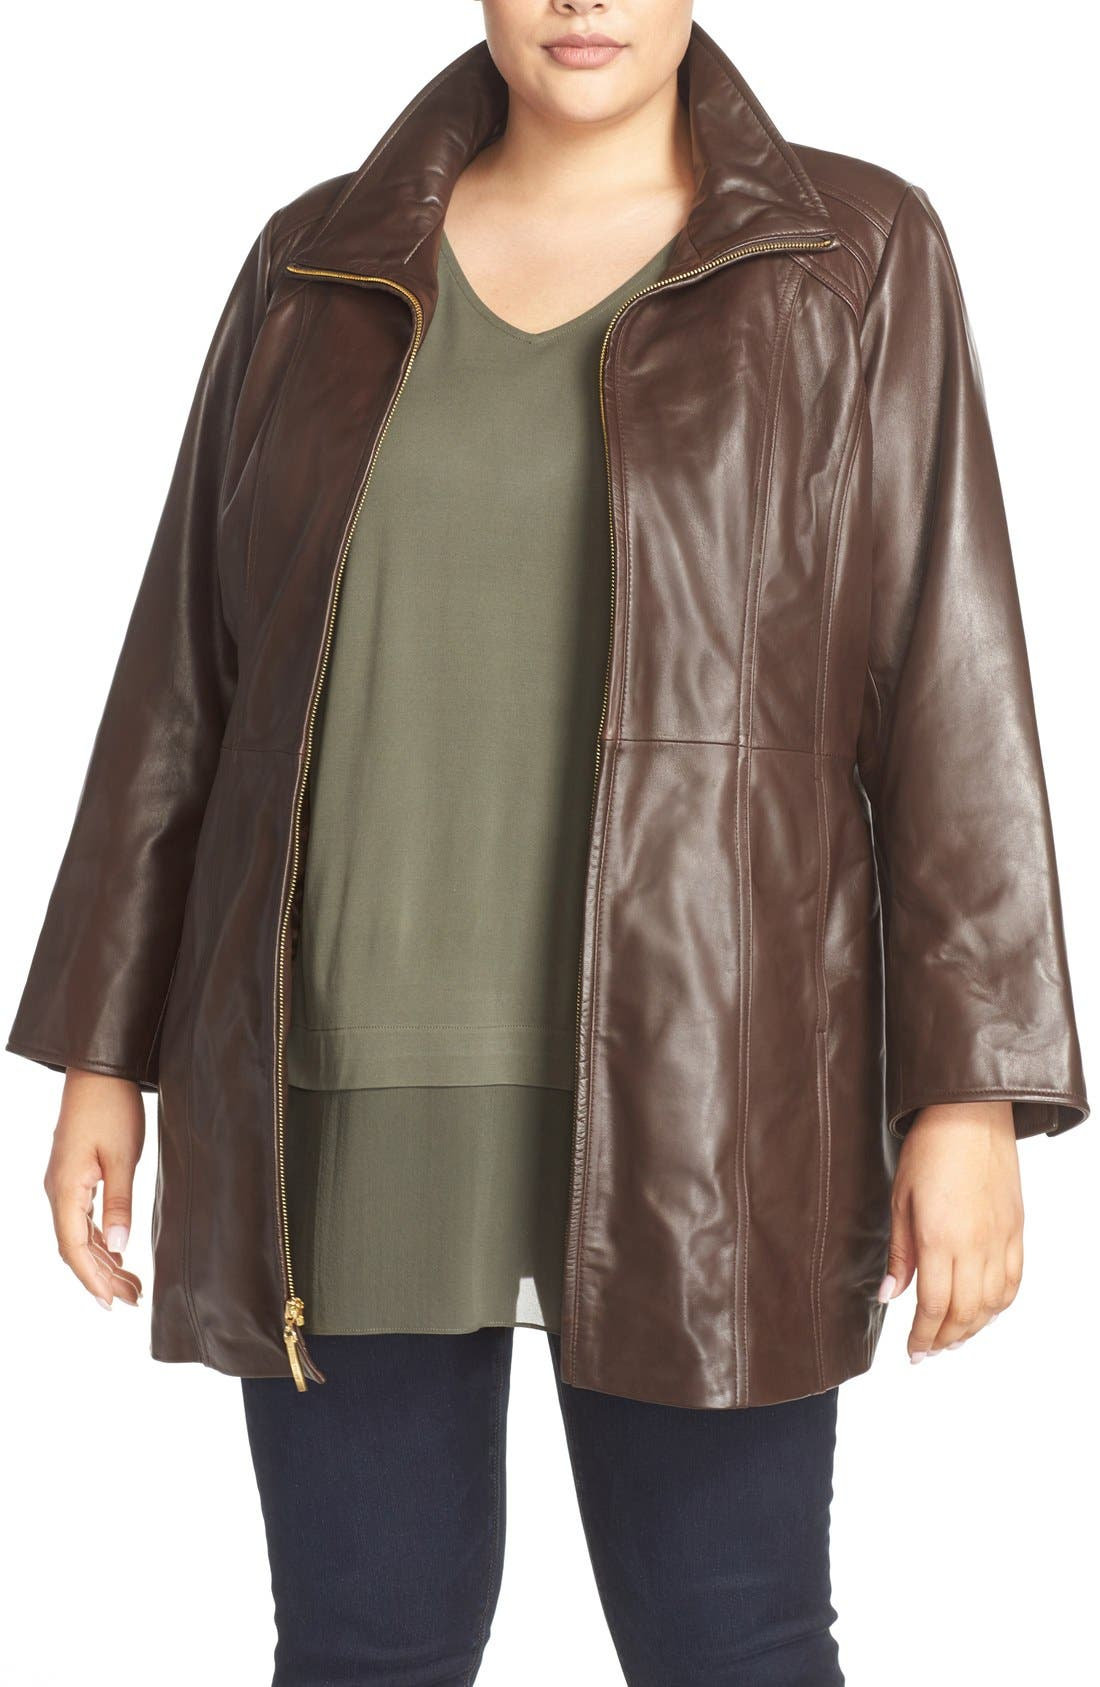 Ellen Tracy Leather Walking Coat (Plus Size)